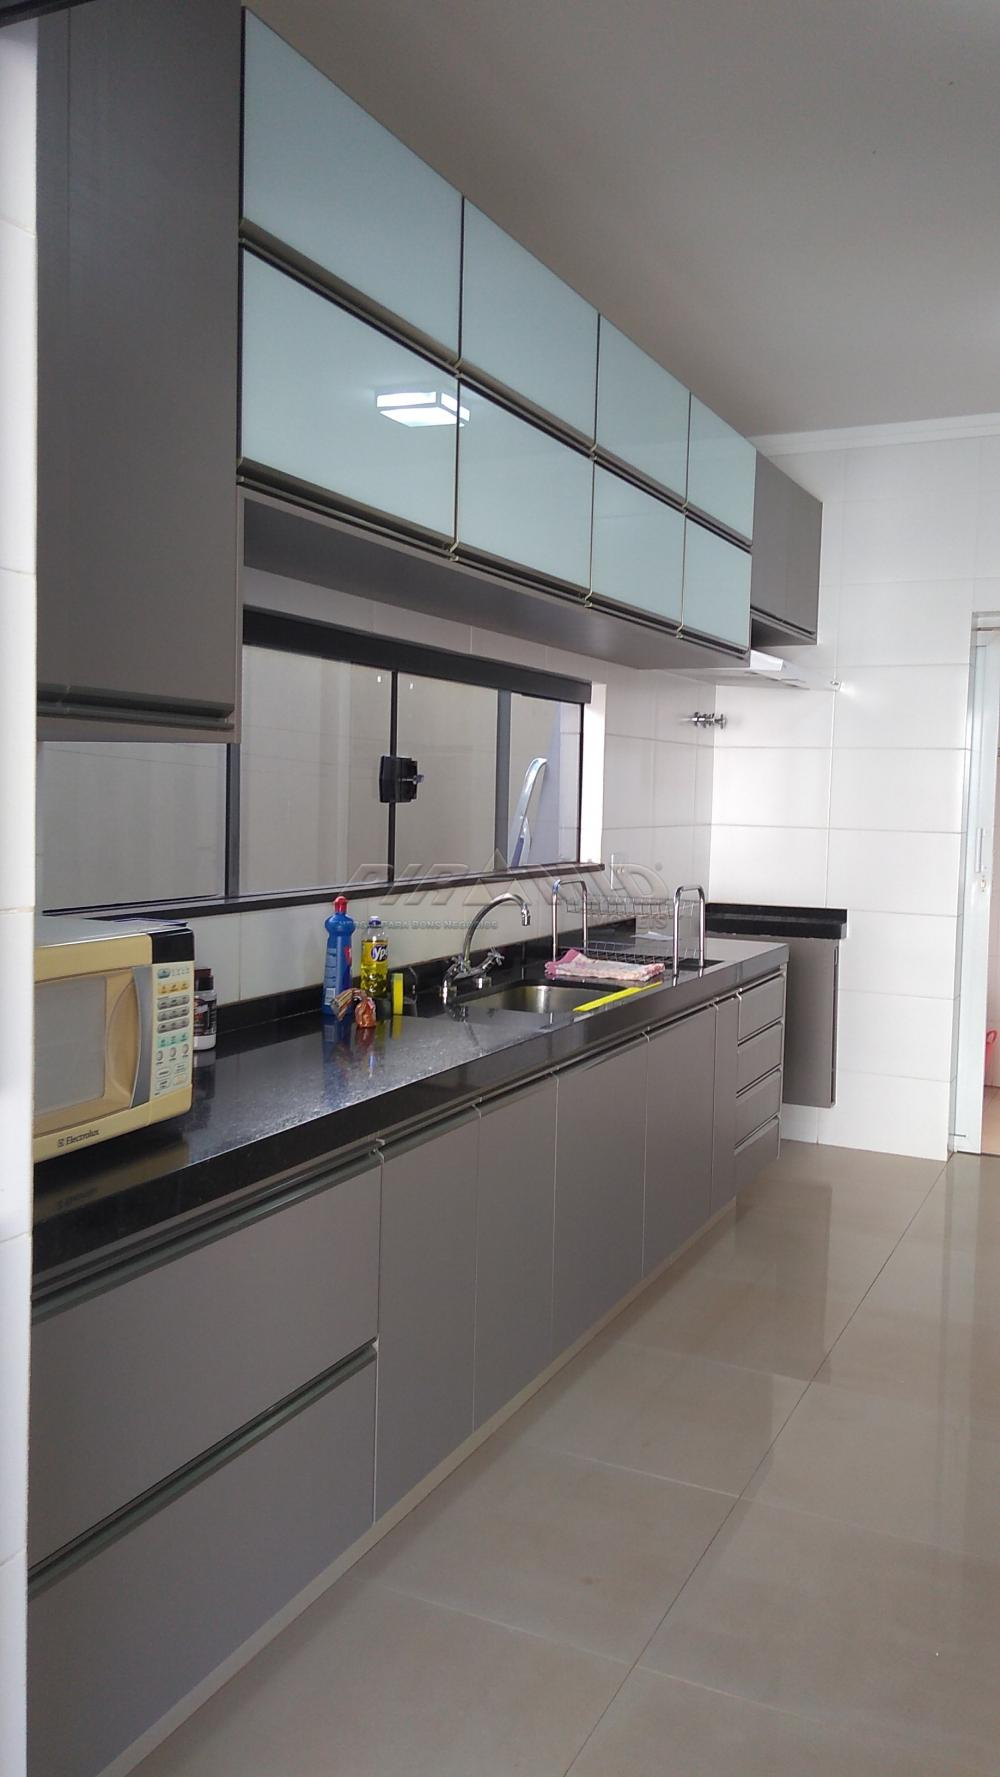 Alugar Casa / Condomínio em Ribeirão Preto R$ 7.500,00 - Foto 3